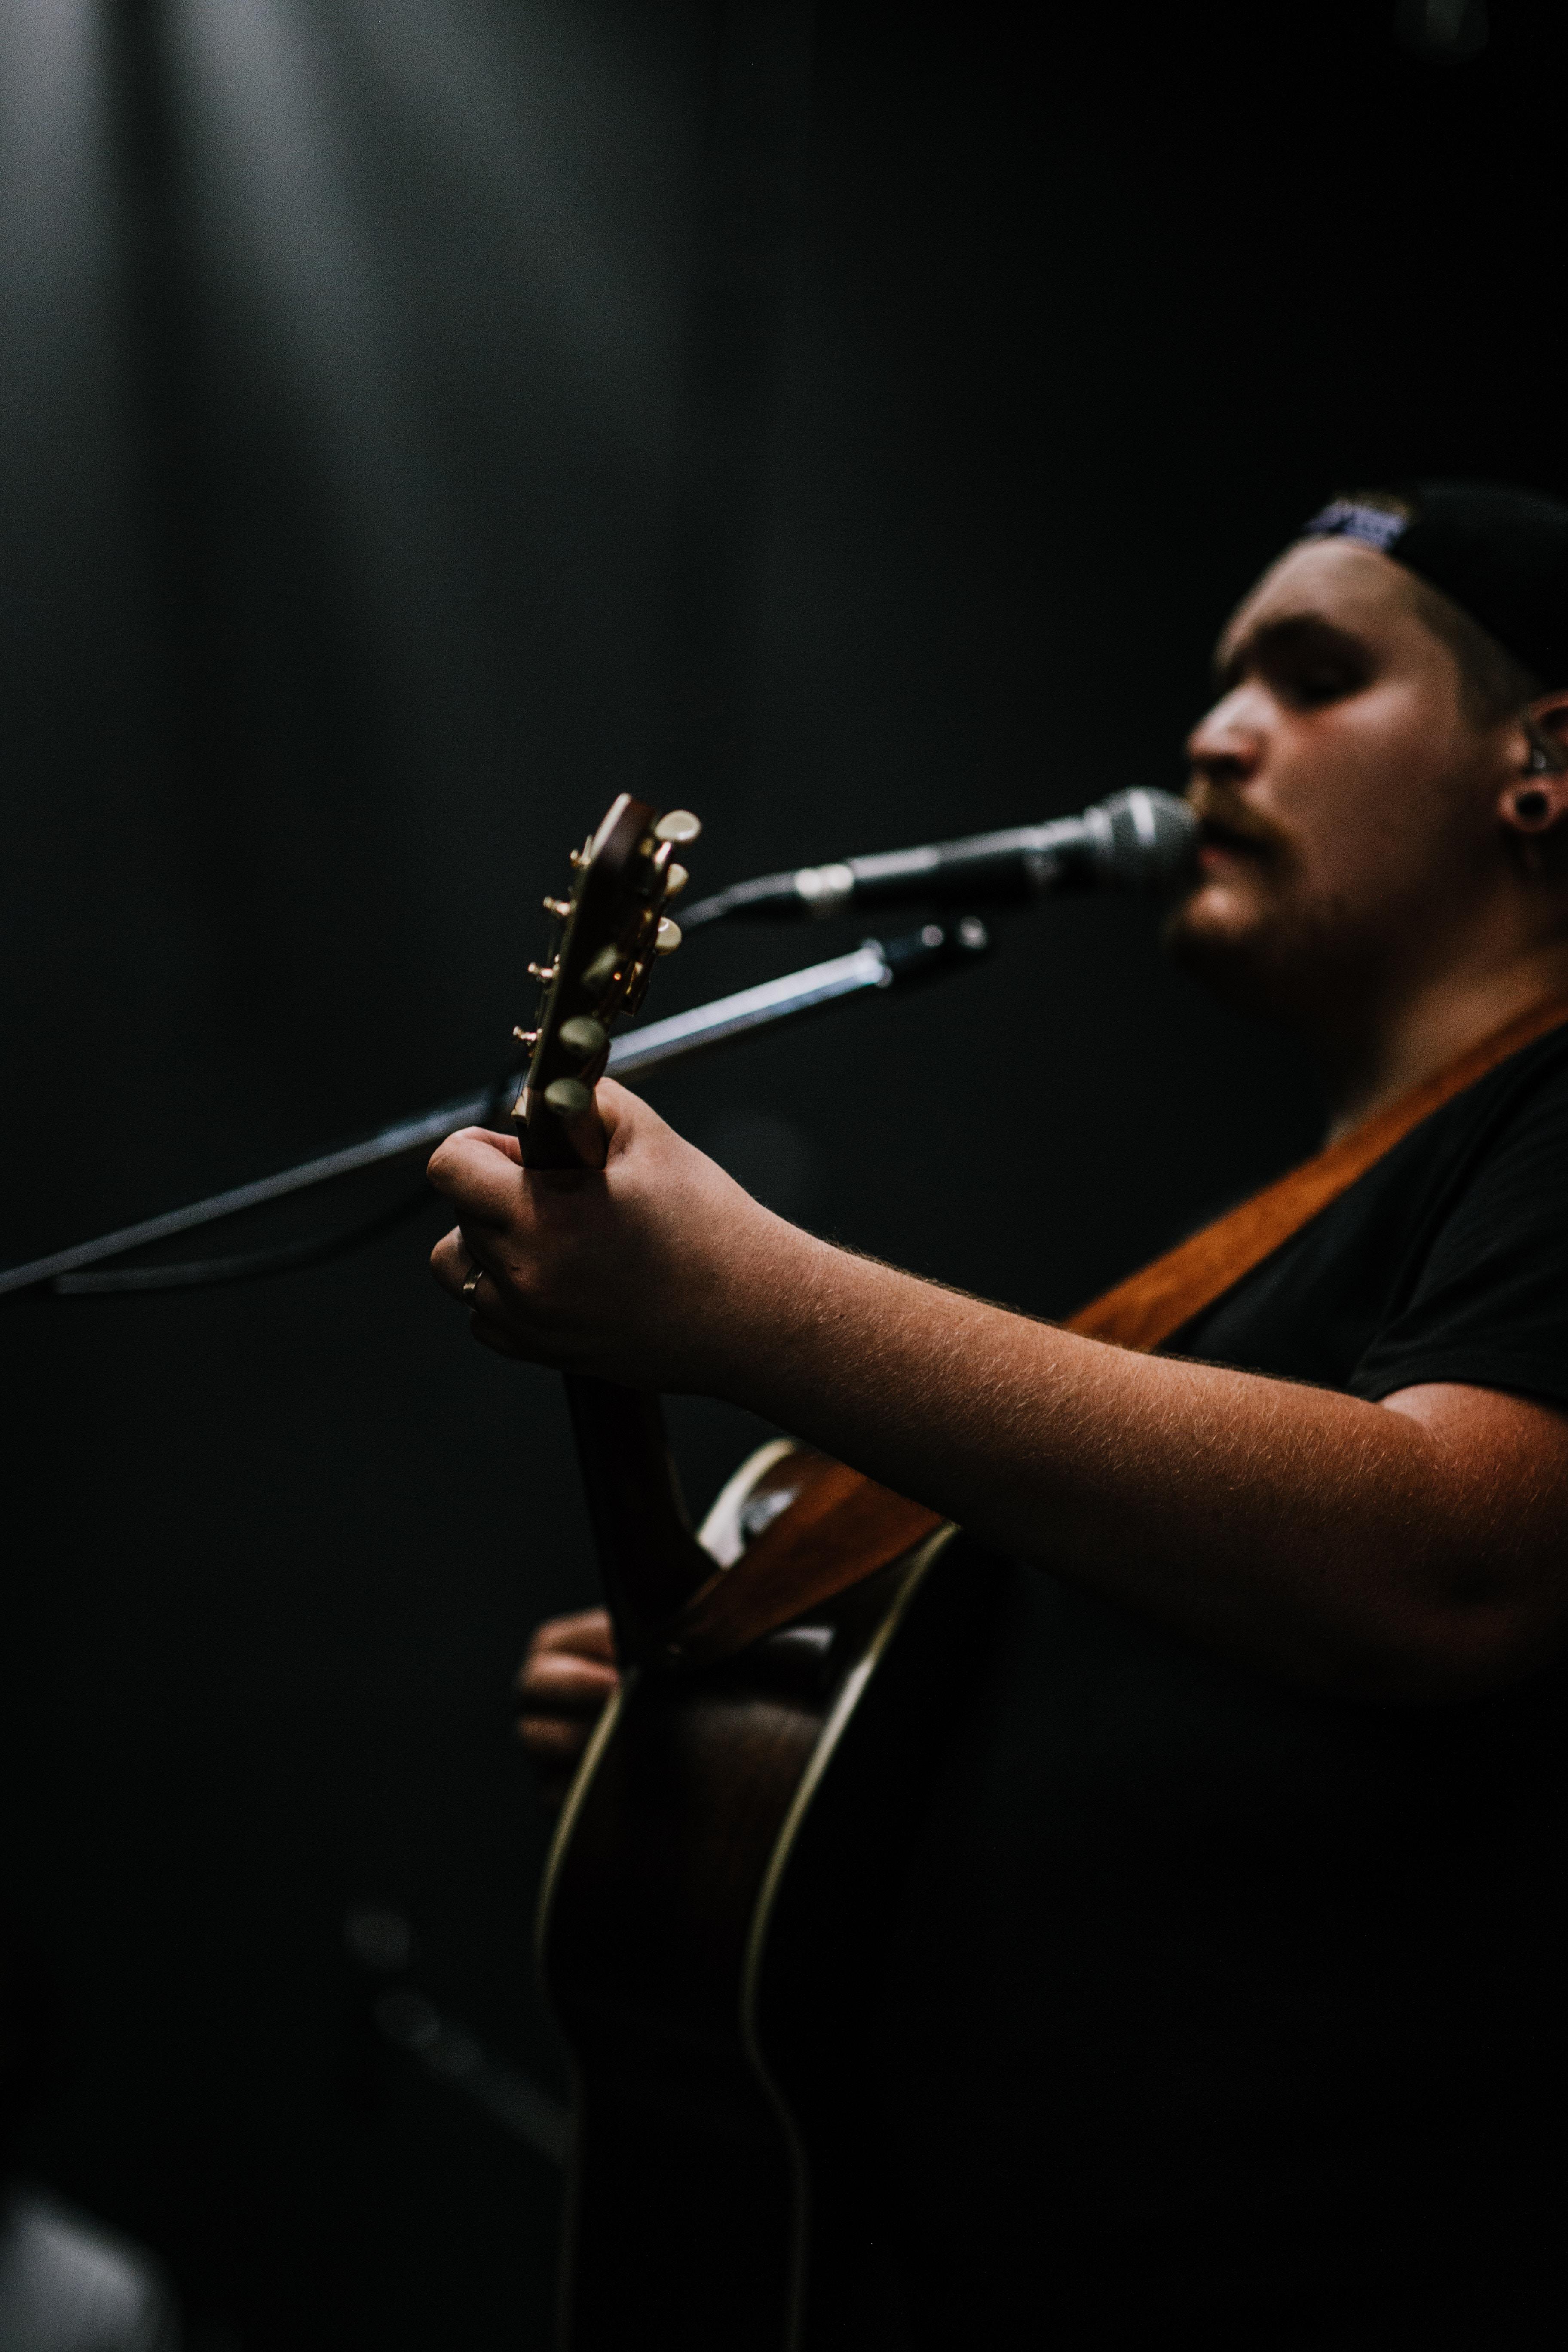 max singing 2017